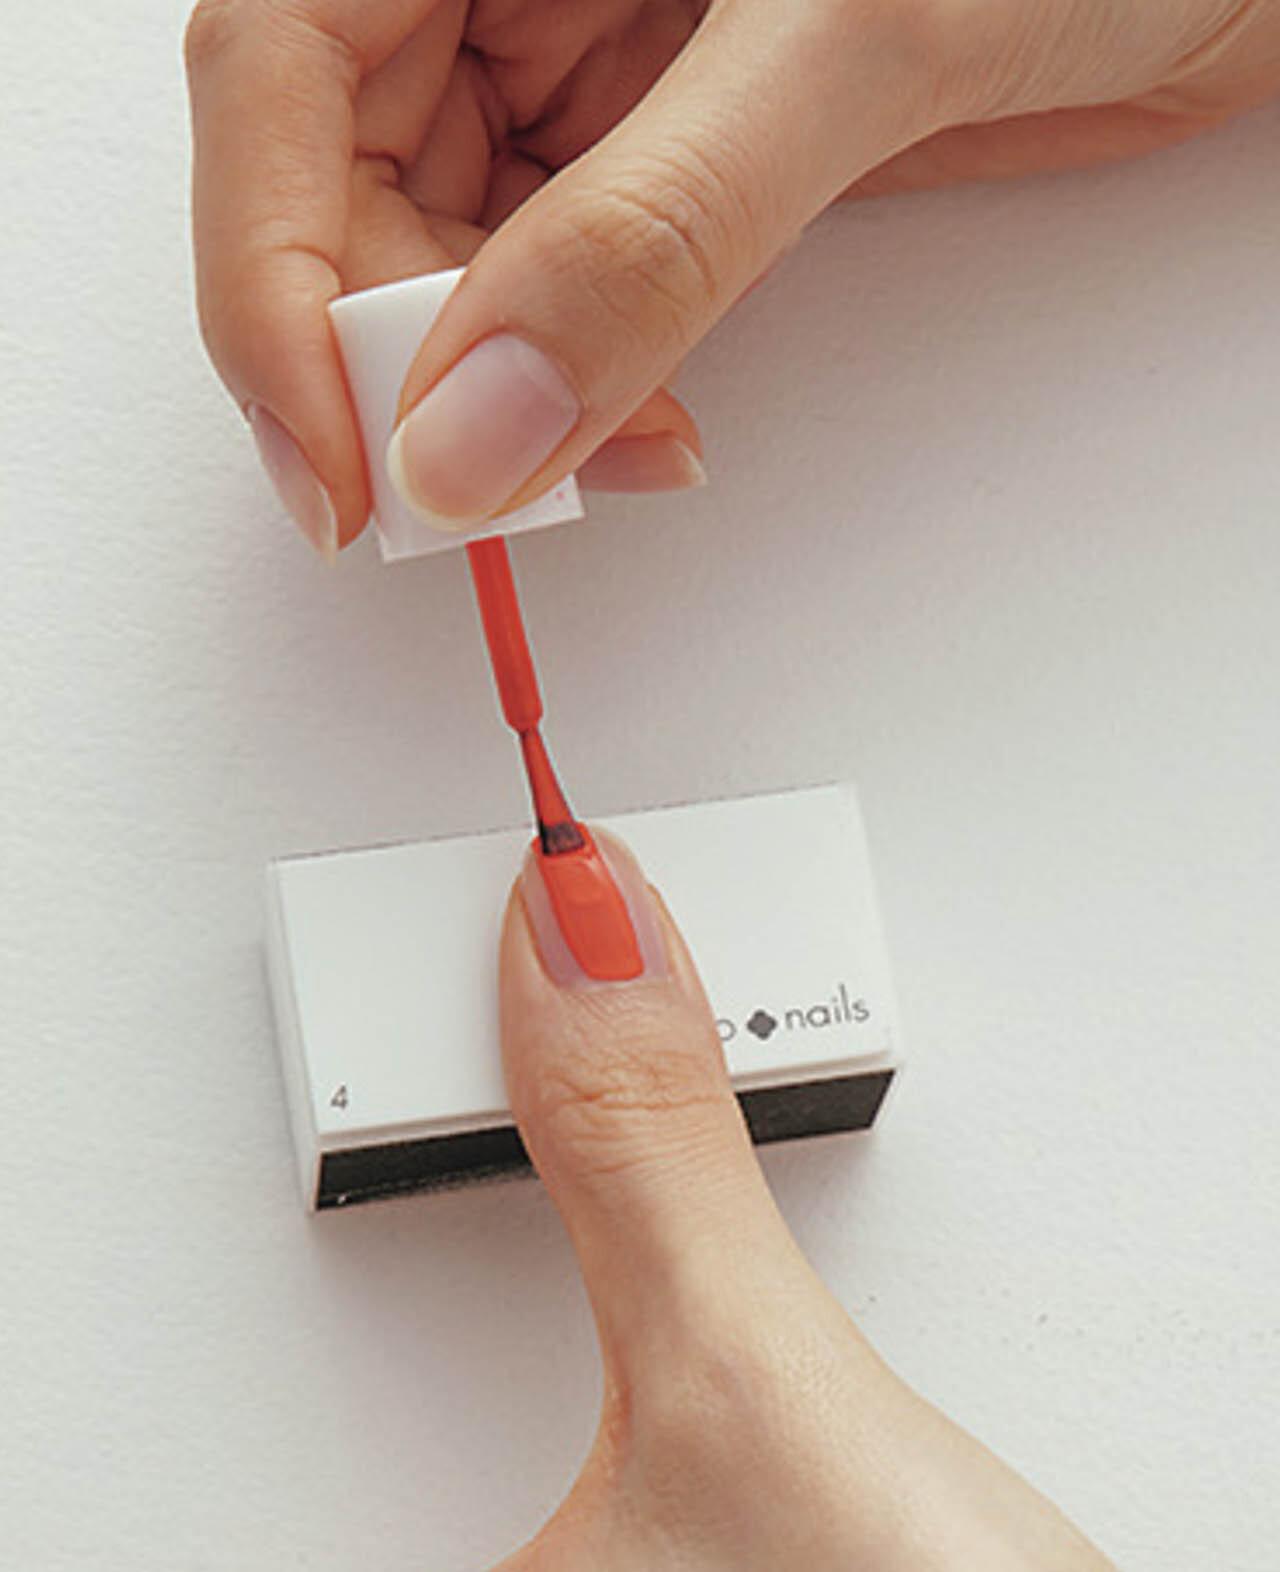 筆の幅が一定になるように塗る